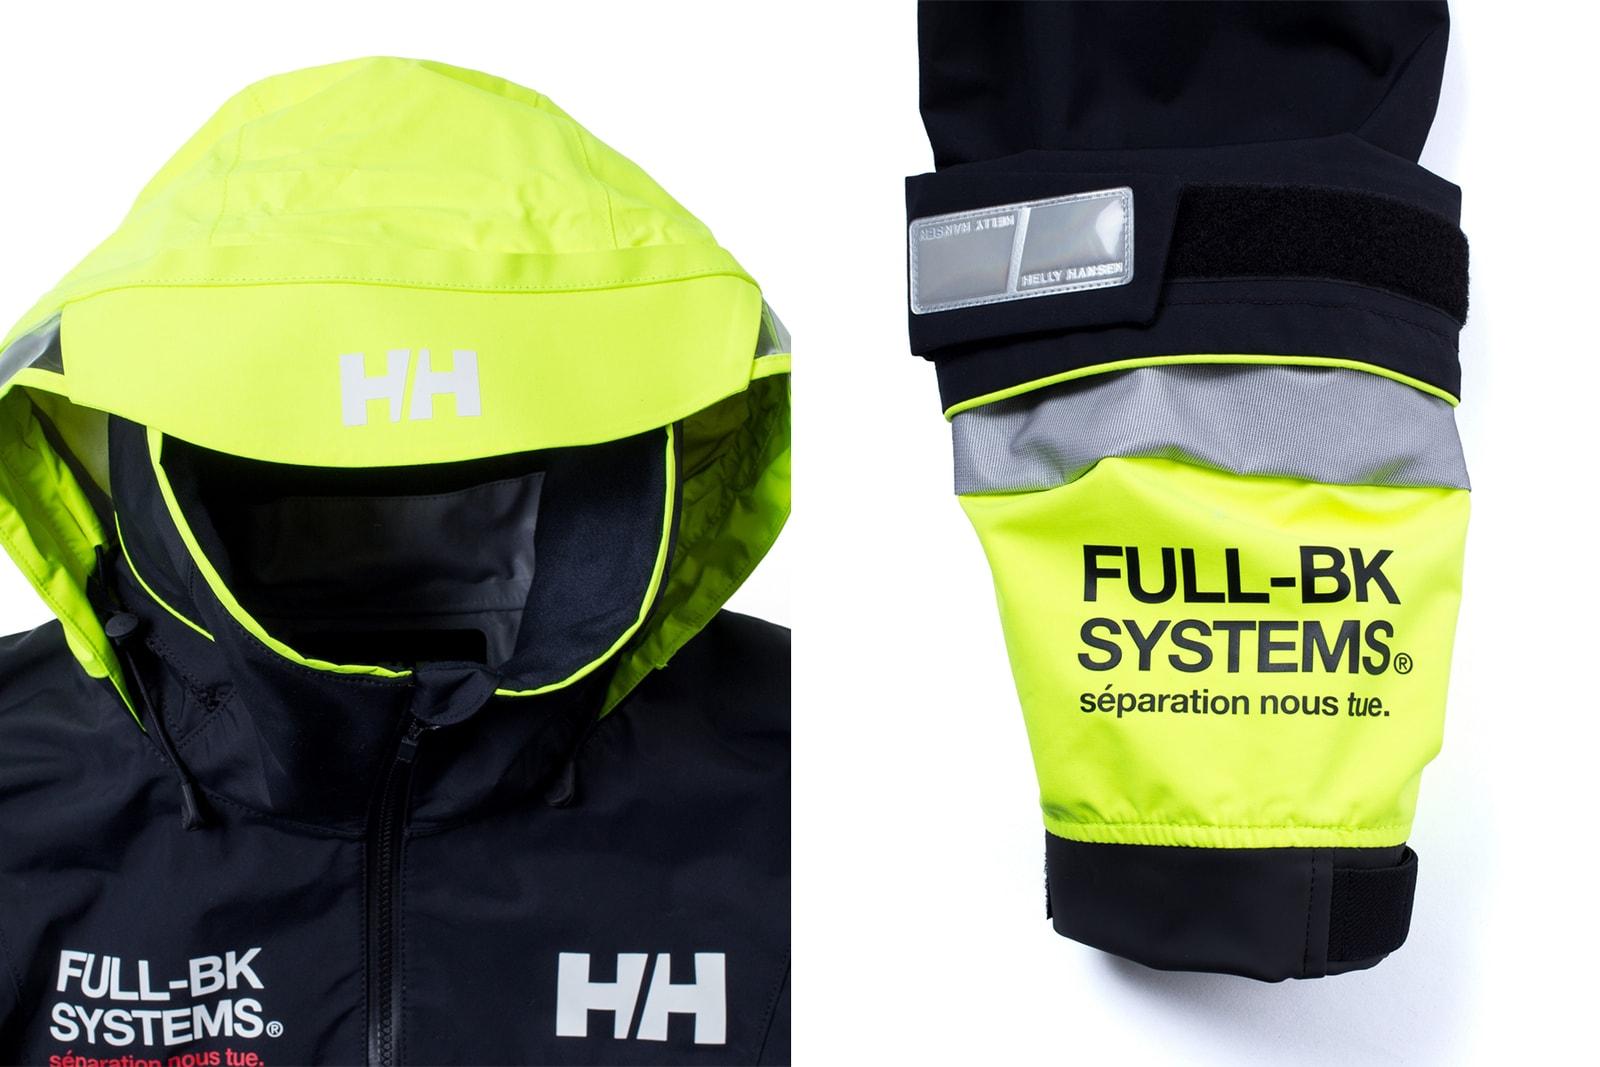 フルビーケー ヘリーハンセン 第2弾 コラボ カプセル コレクション FULL-BK HELLY HANSEN  yentown lzm awitch daruma